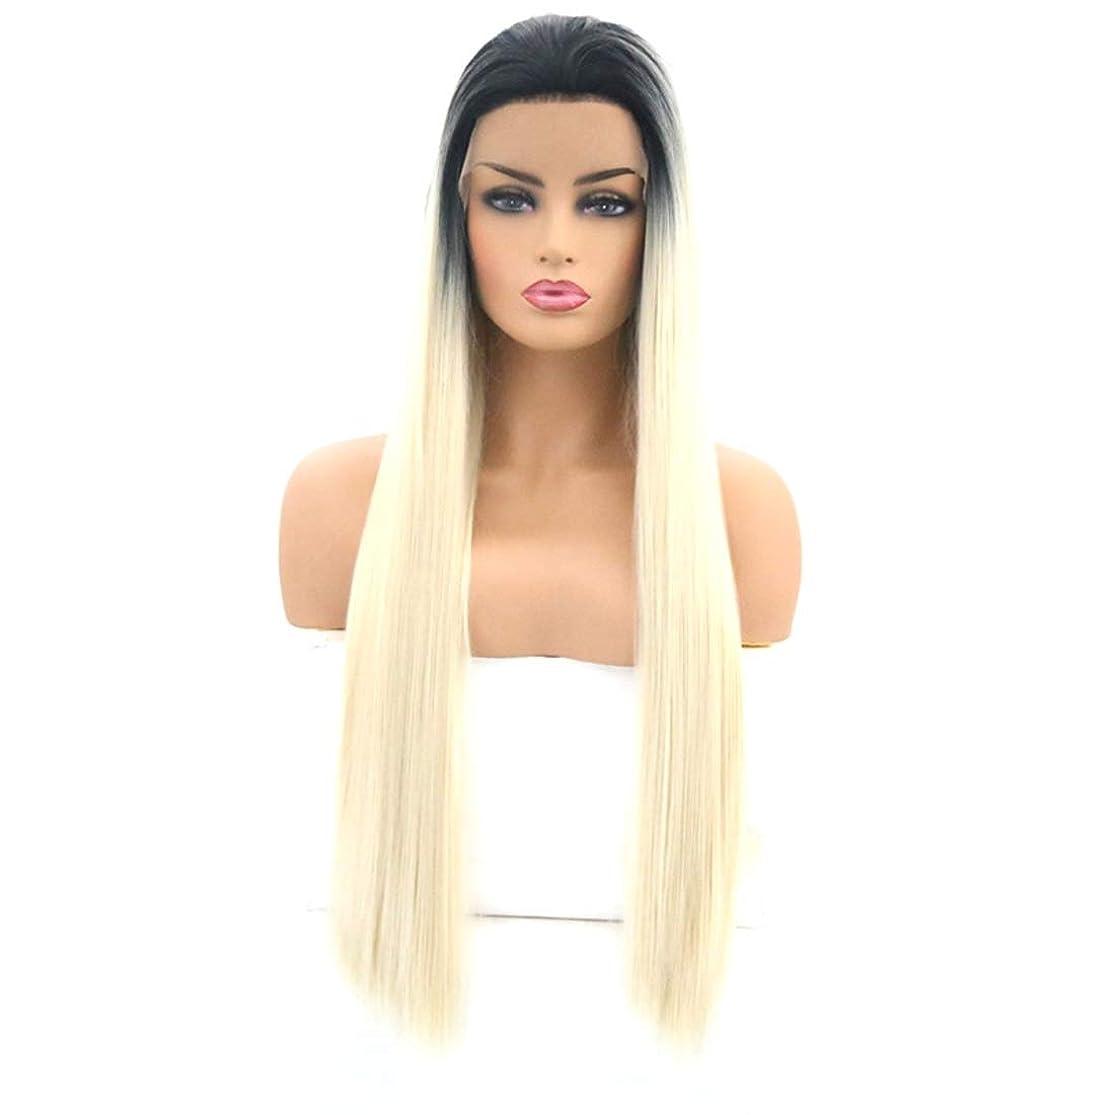 降臨冊子シュリンクSummerys 女性のためのロングストレートヘアウィッグフロントレース高温シルクウィッグセット (Size : 26 inches)